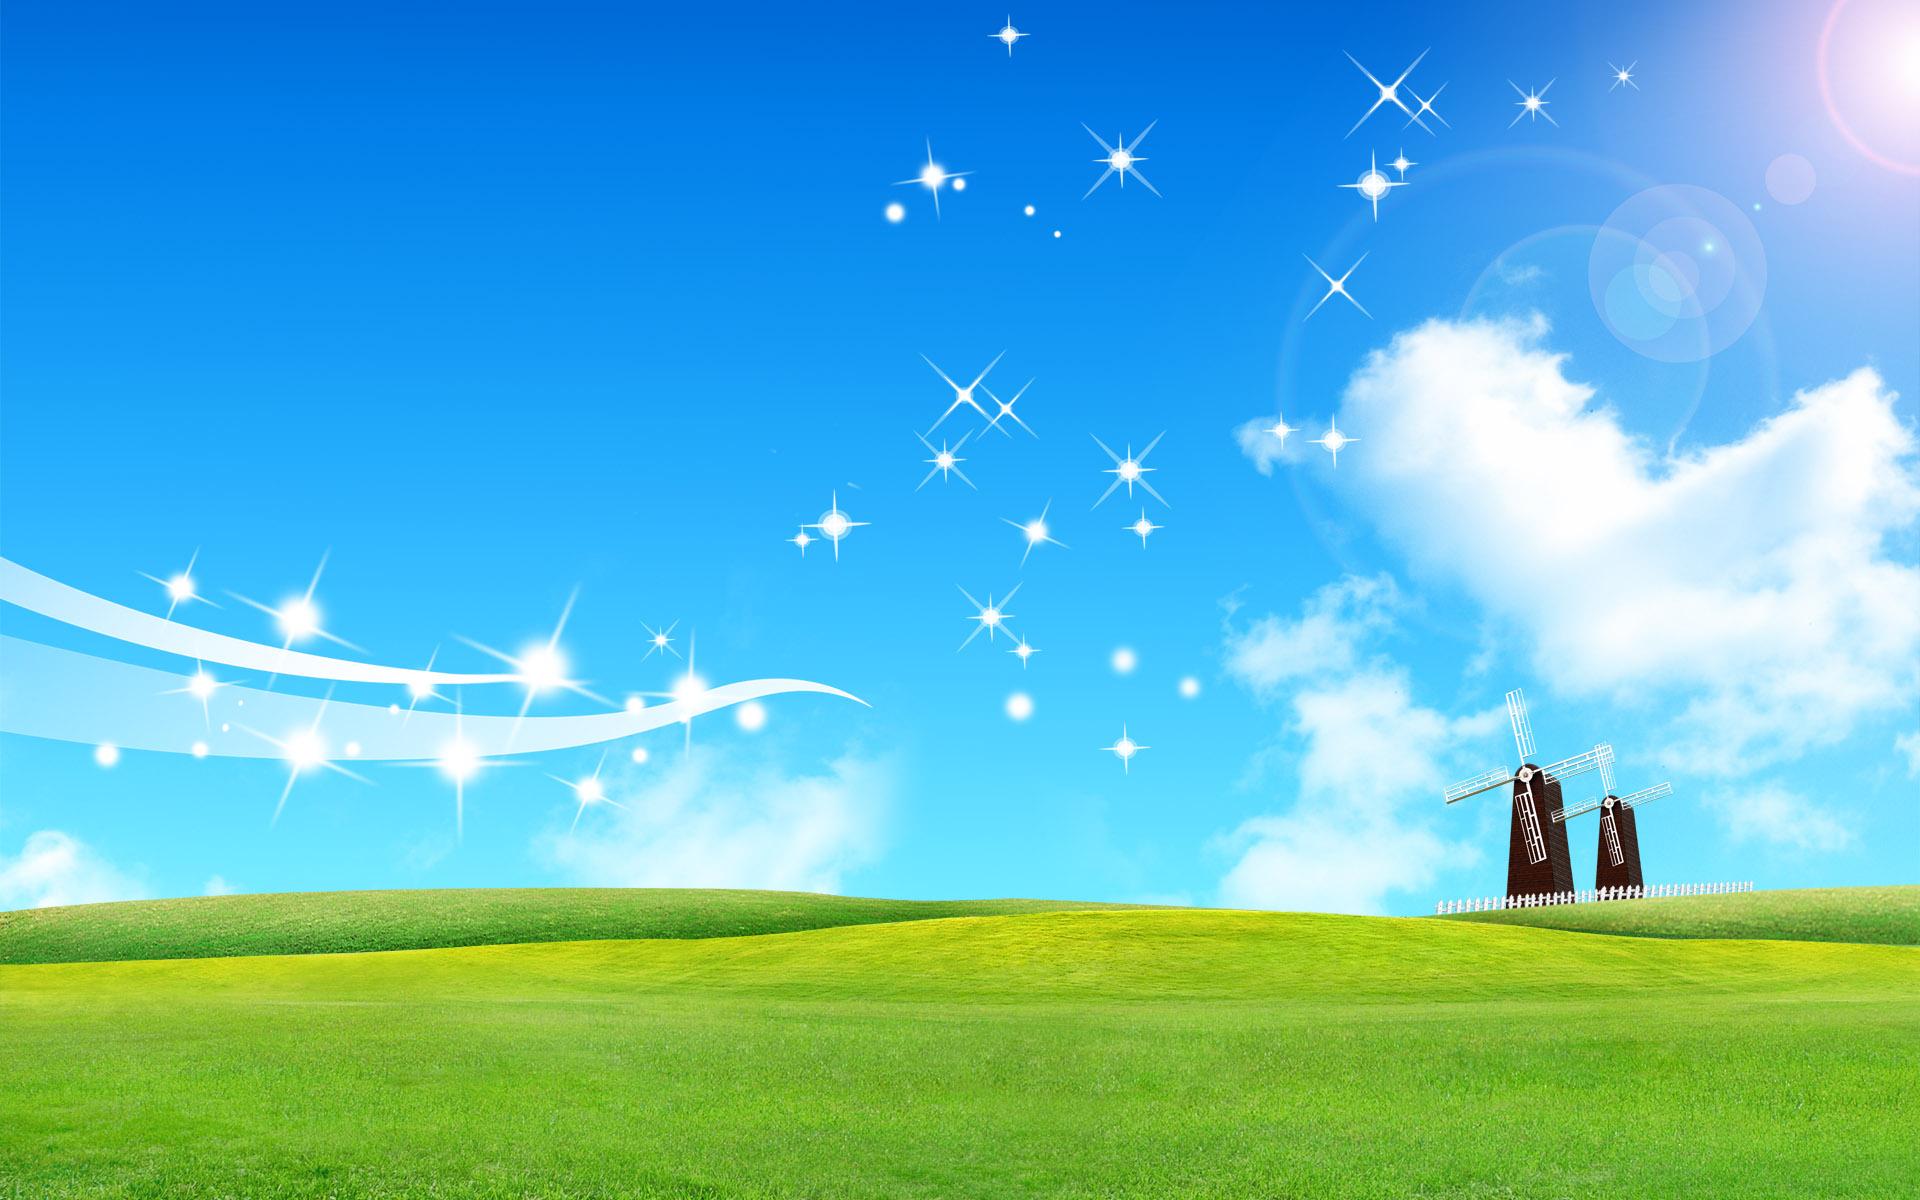 3d Wallpaper Widescreen High Resolution Game Desktop Sky Backgrounds Pixelstalk Net